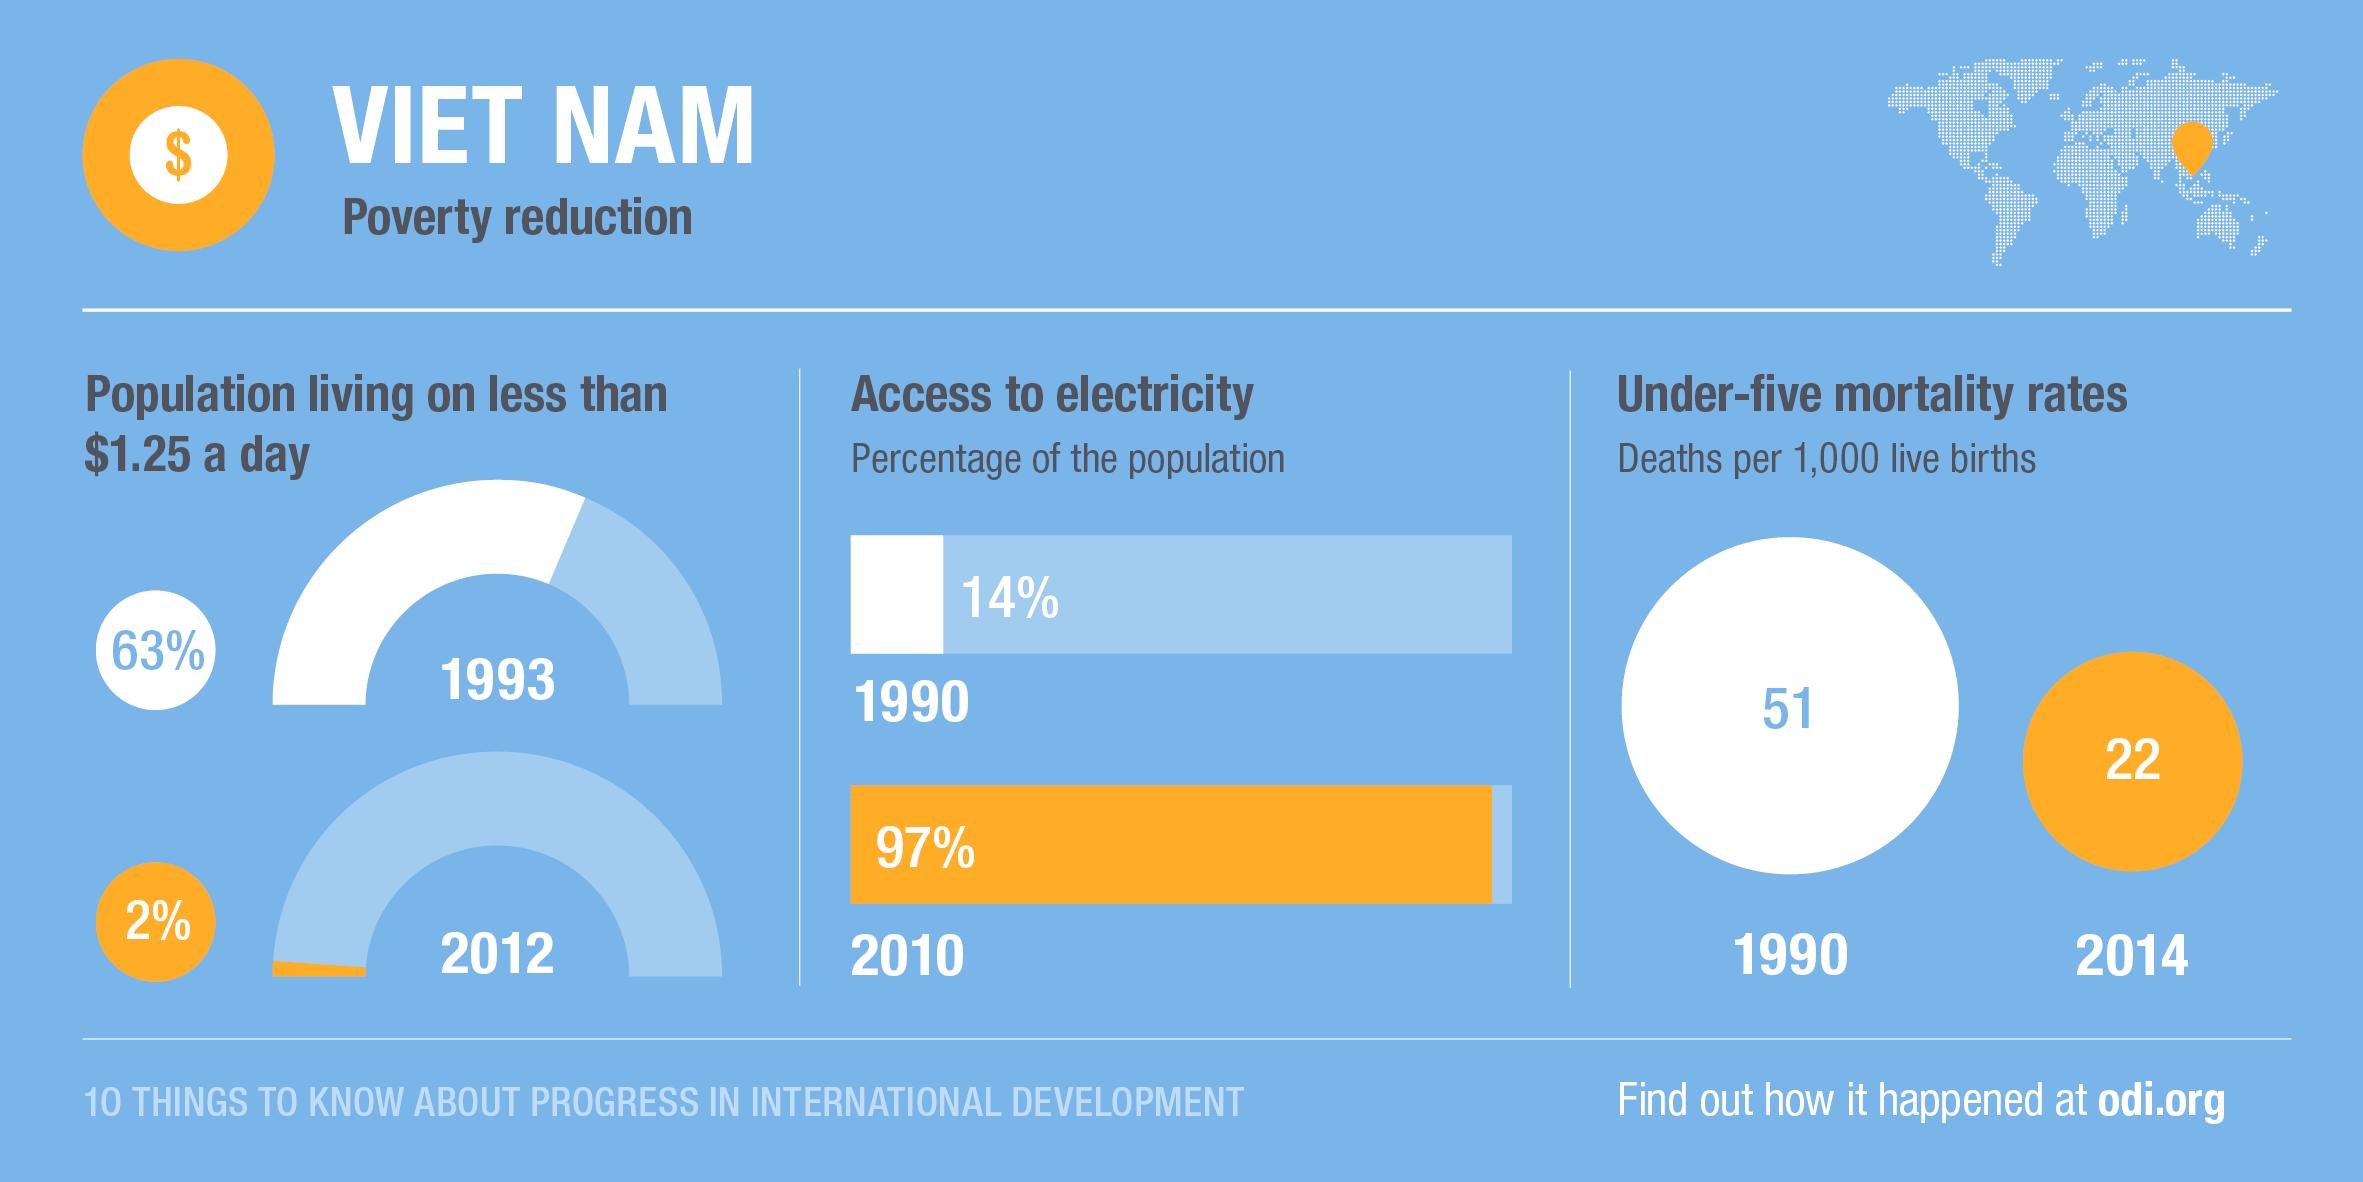 Viet Nam's progress on poverty